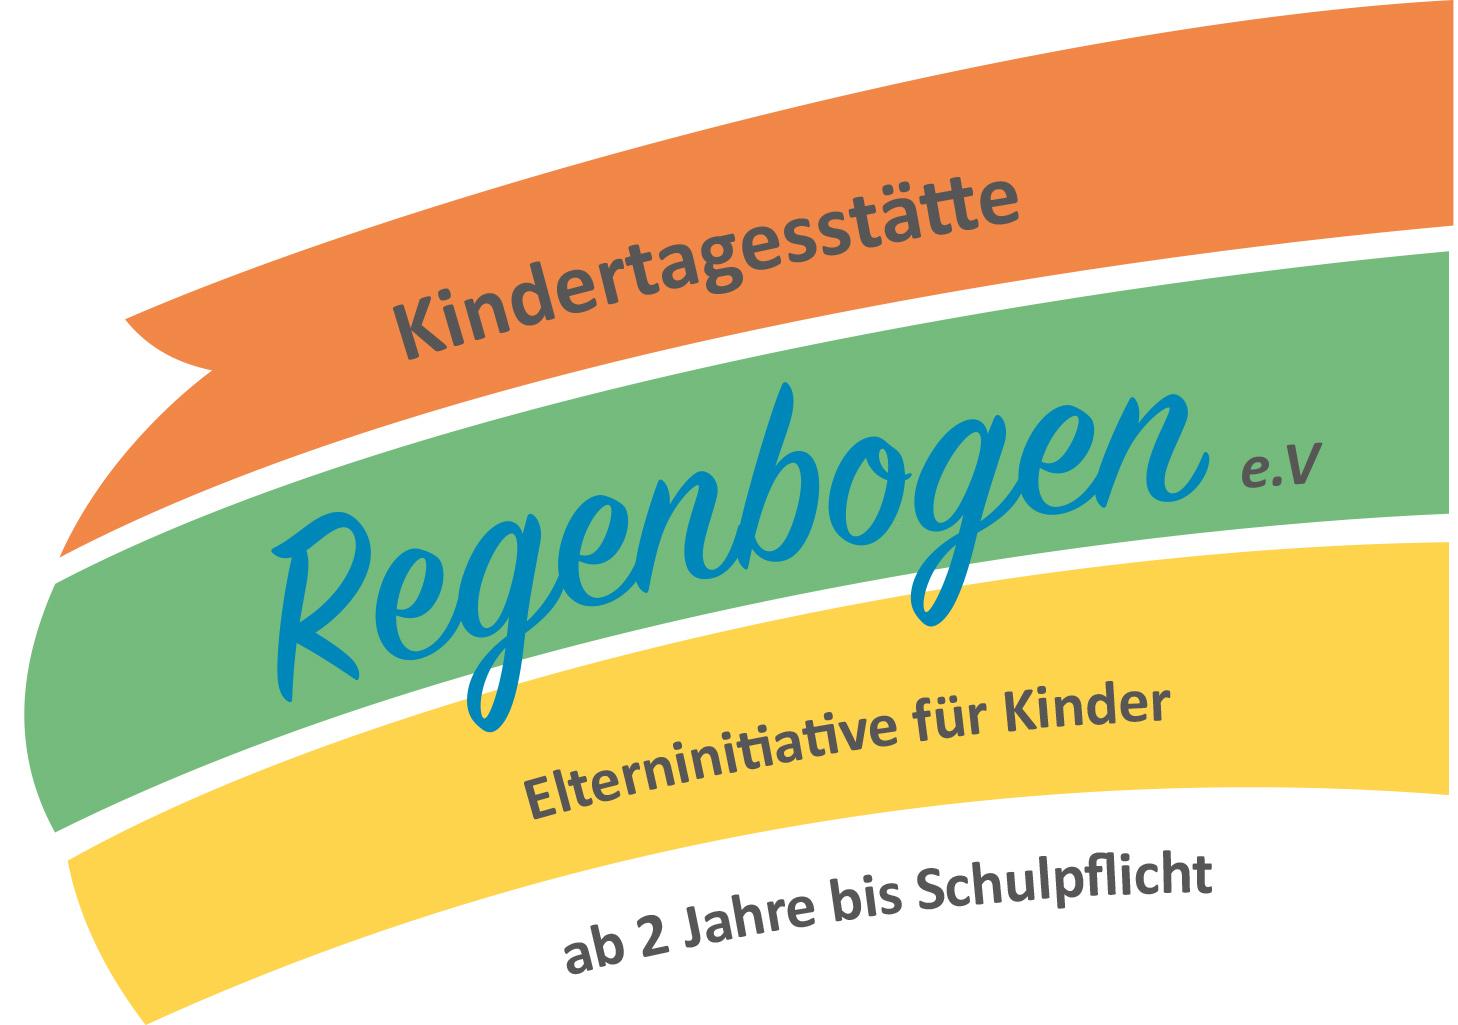 Elterninitiativ-Kindertagesstätte Regenbogen e.V.